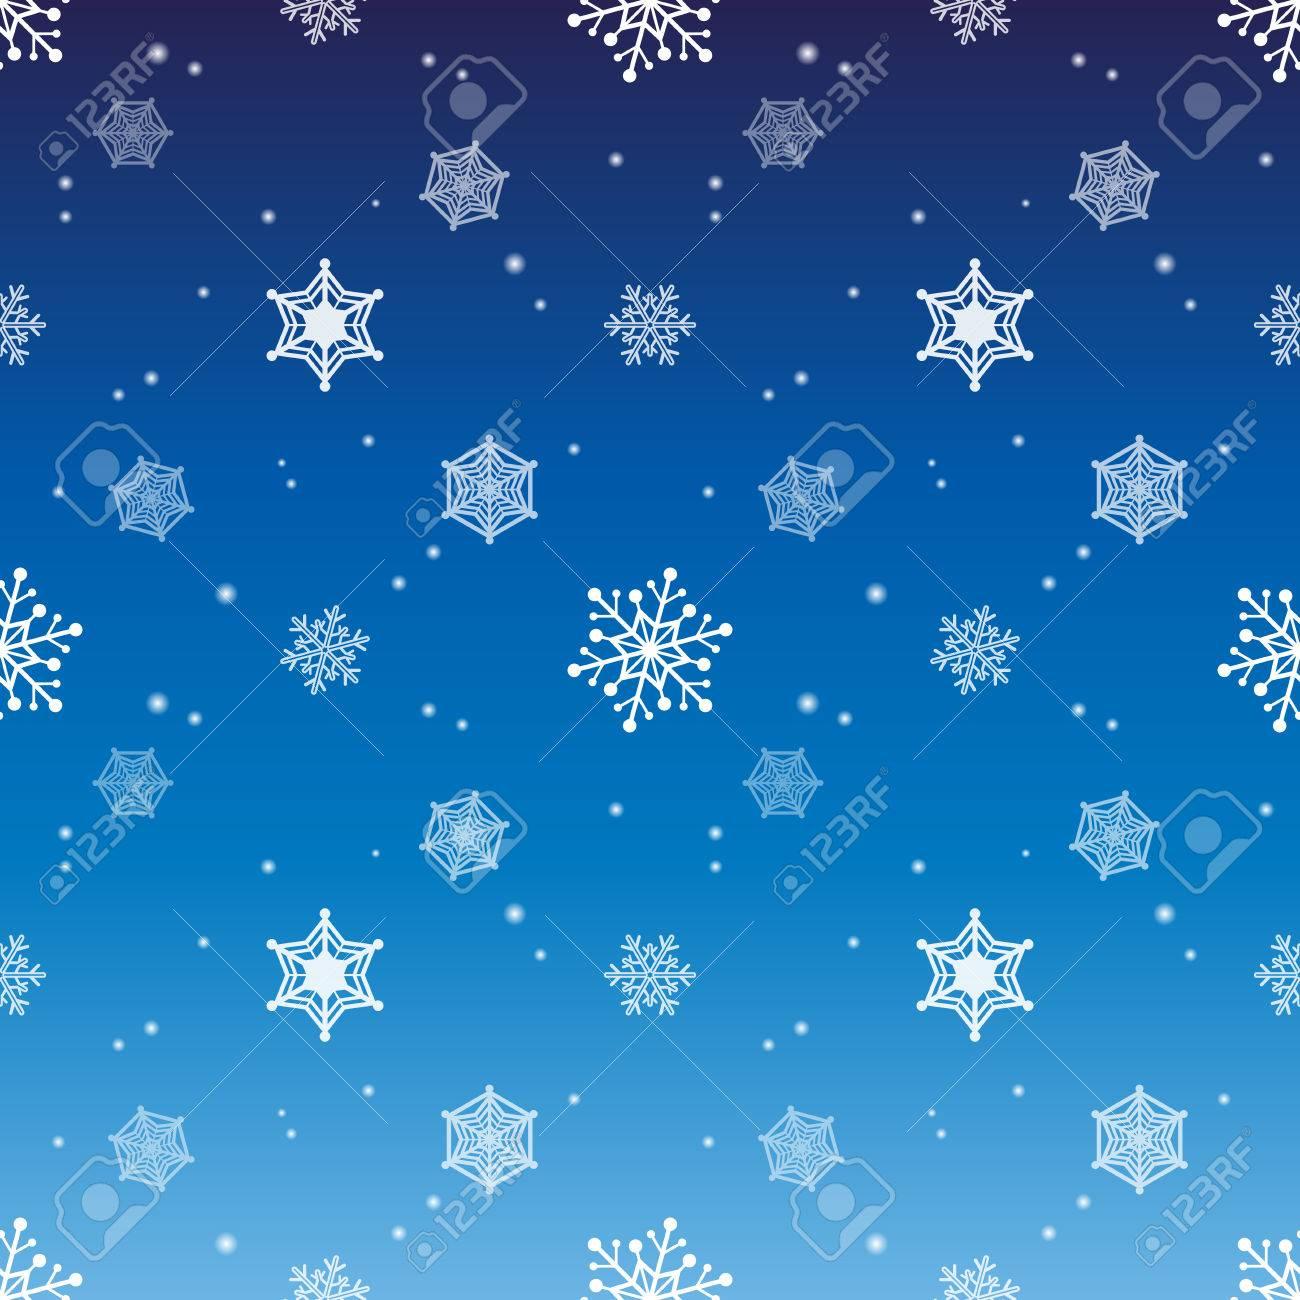 Schneeflocke Gradienten Blaue Farbe Hintergrund, Tapeten Weihnachten ...